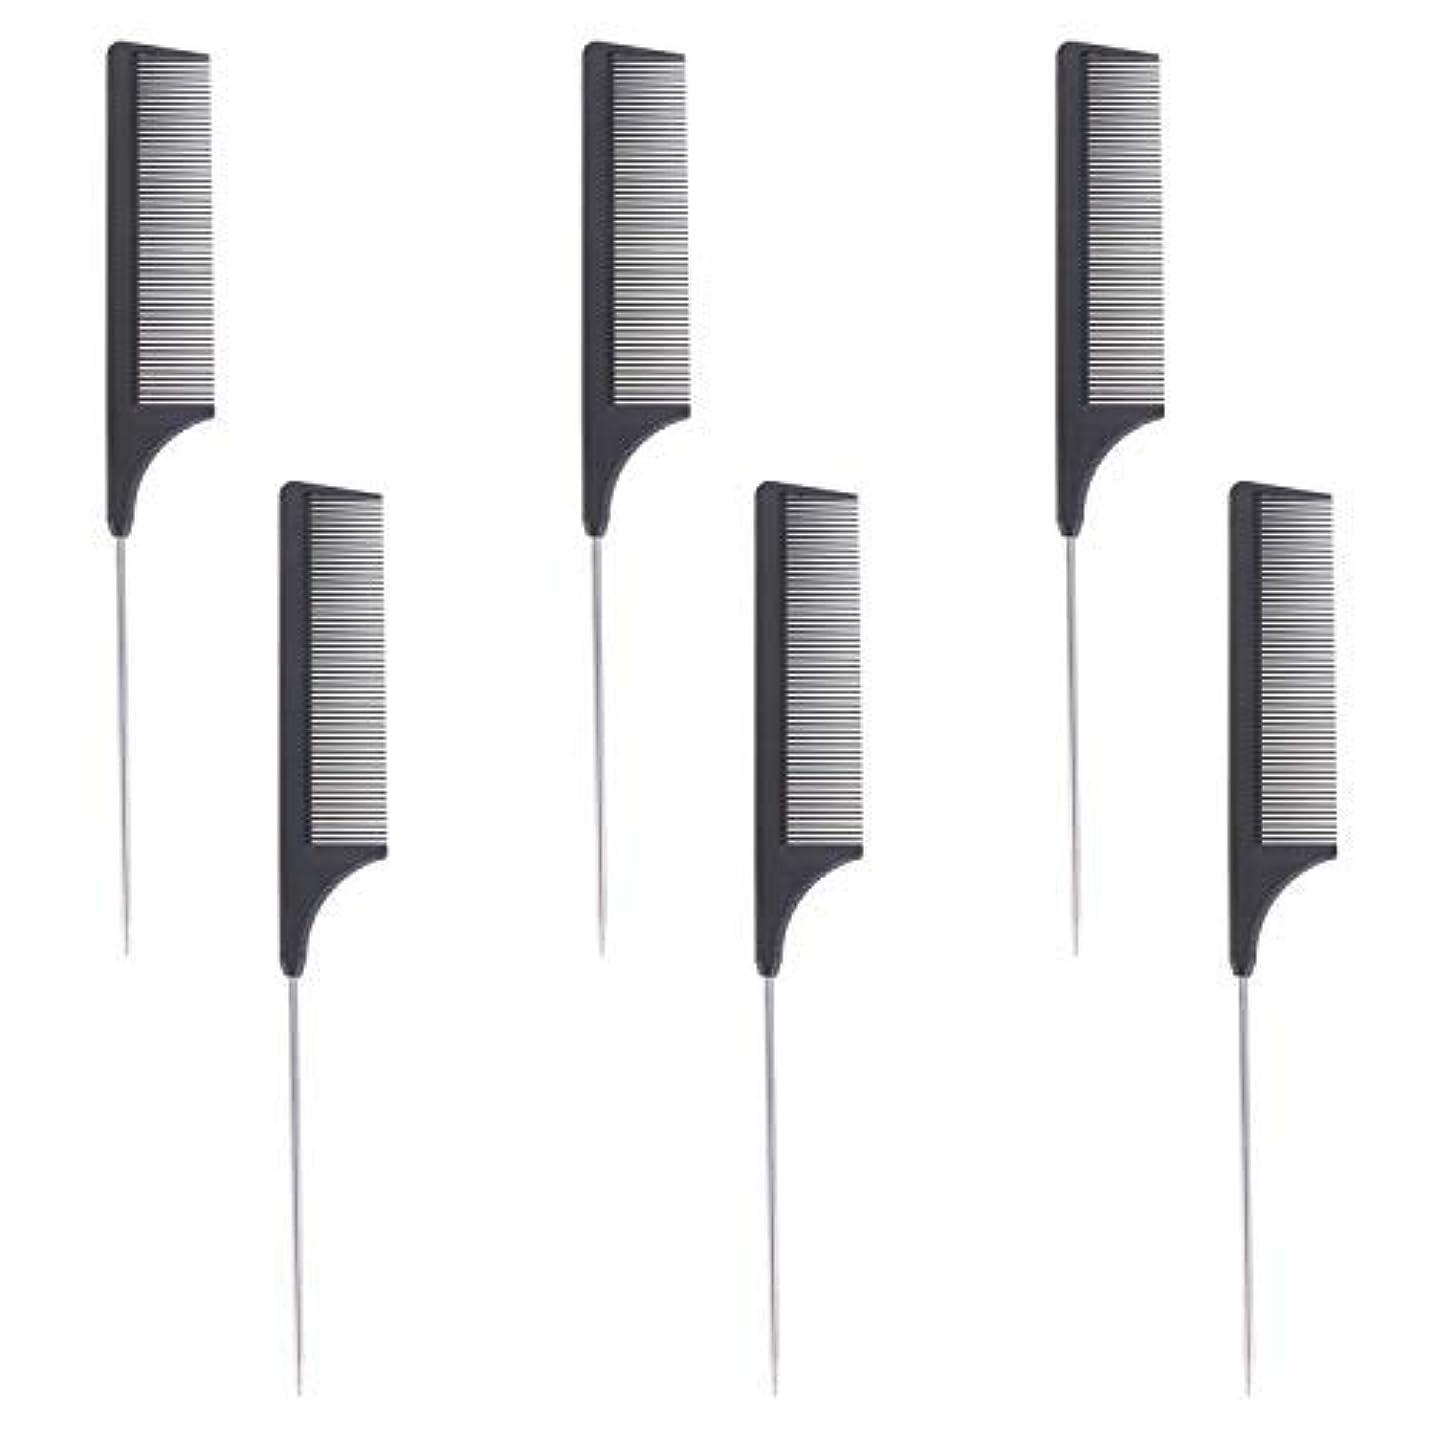 振りかけるシンジケート転倒6 Pieces Comb Black Tail Styling Comb Chemical Heat Resistant Teasing Comb Carbon Fiber Hair Styling Combs for...